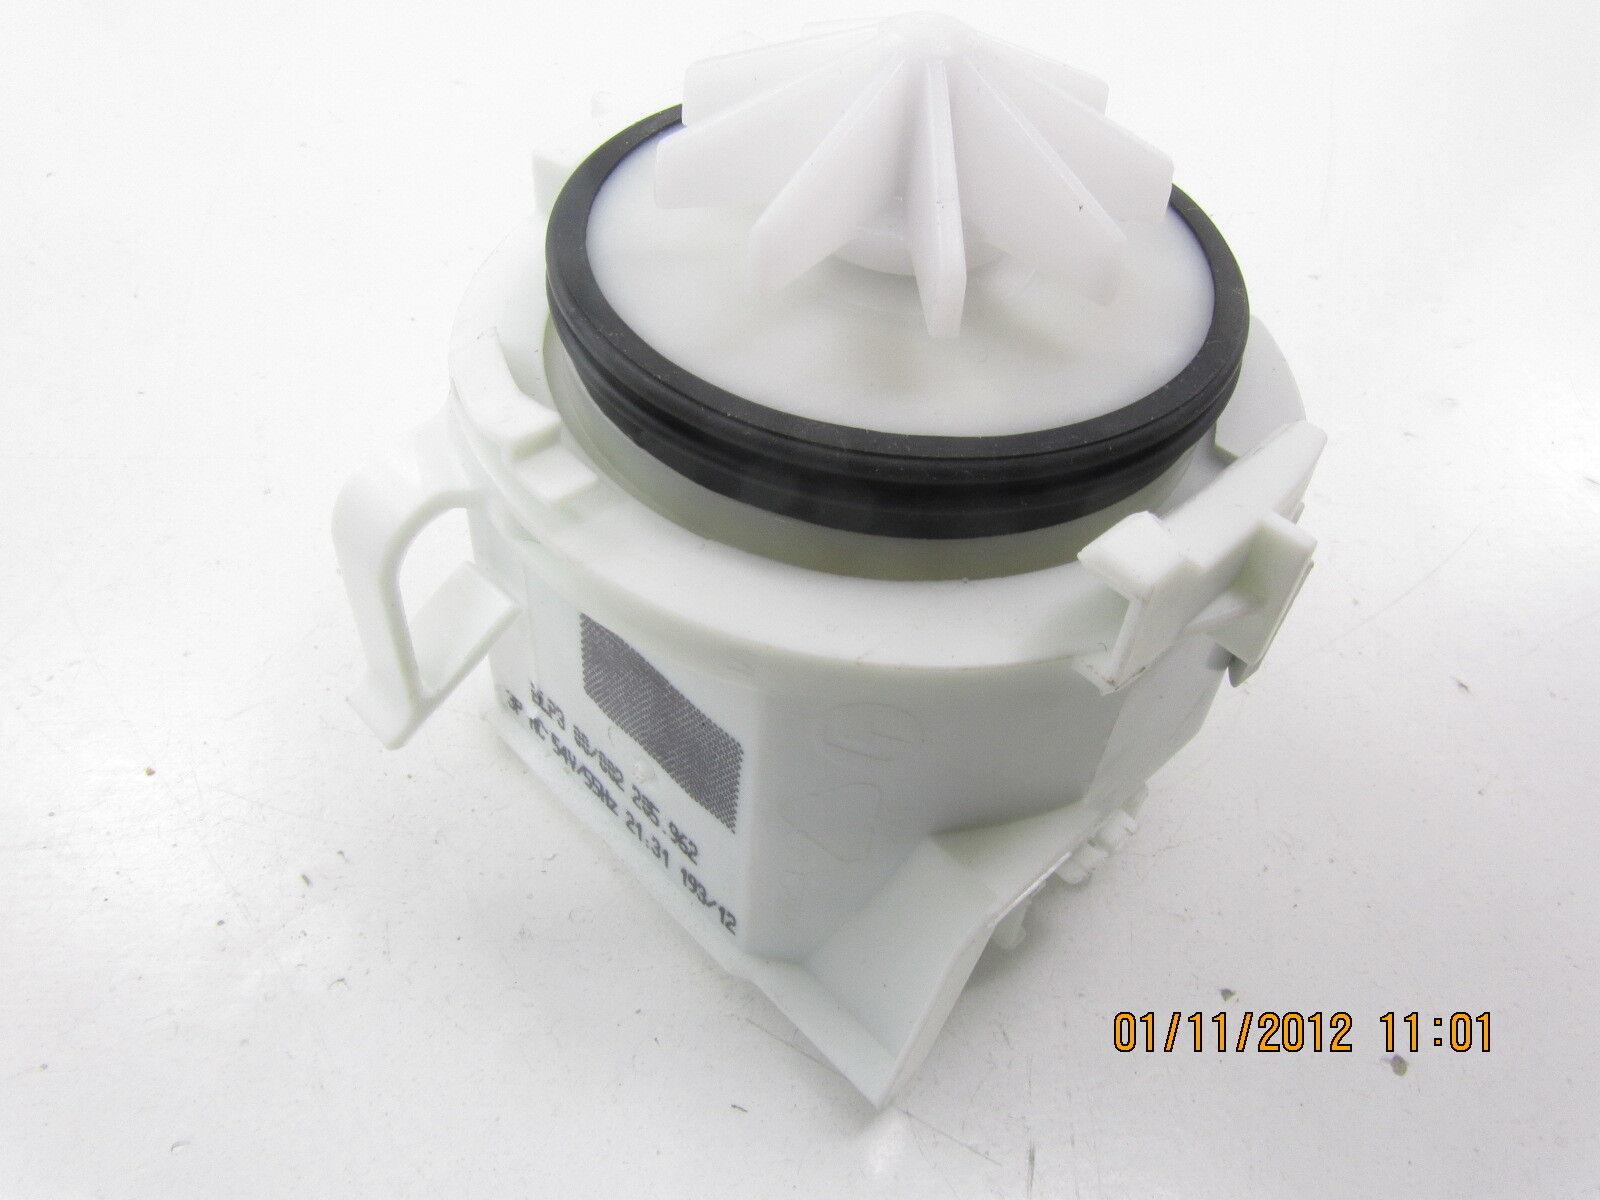 Siemens Laugenpumpe Haushaltsgeräte Zubehör für Spülmaschinen